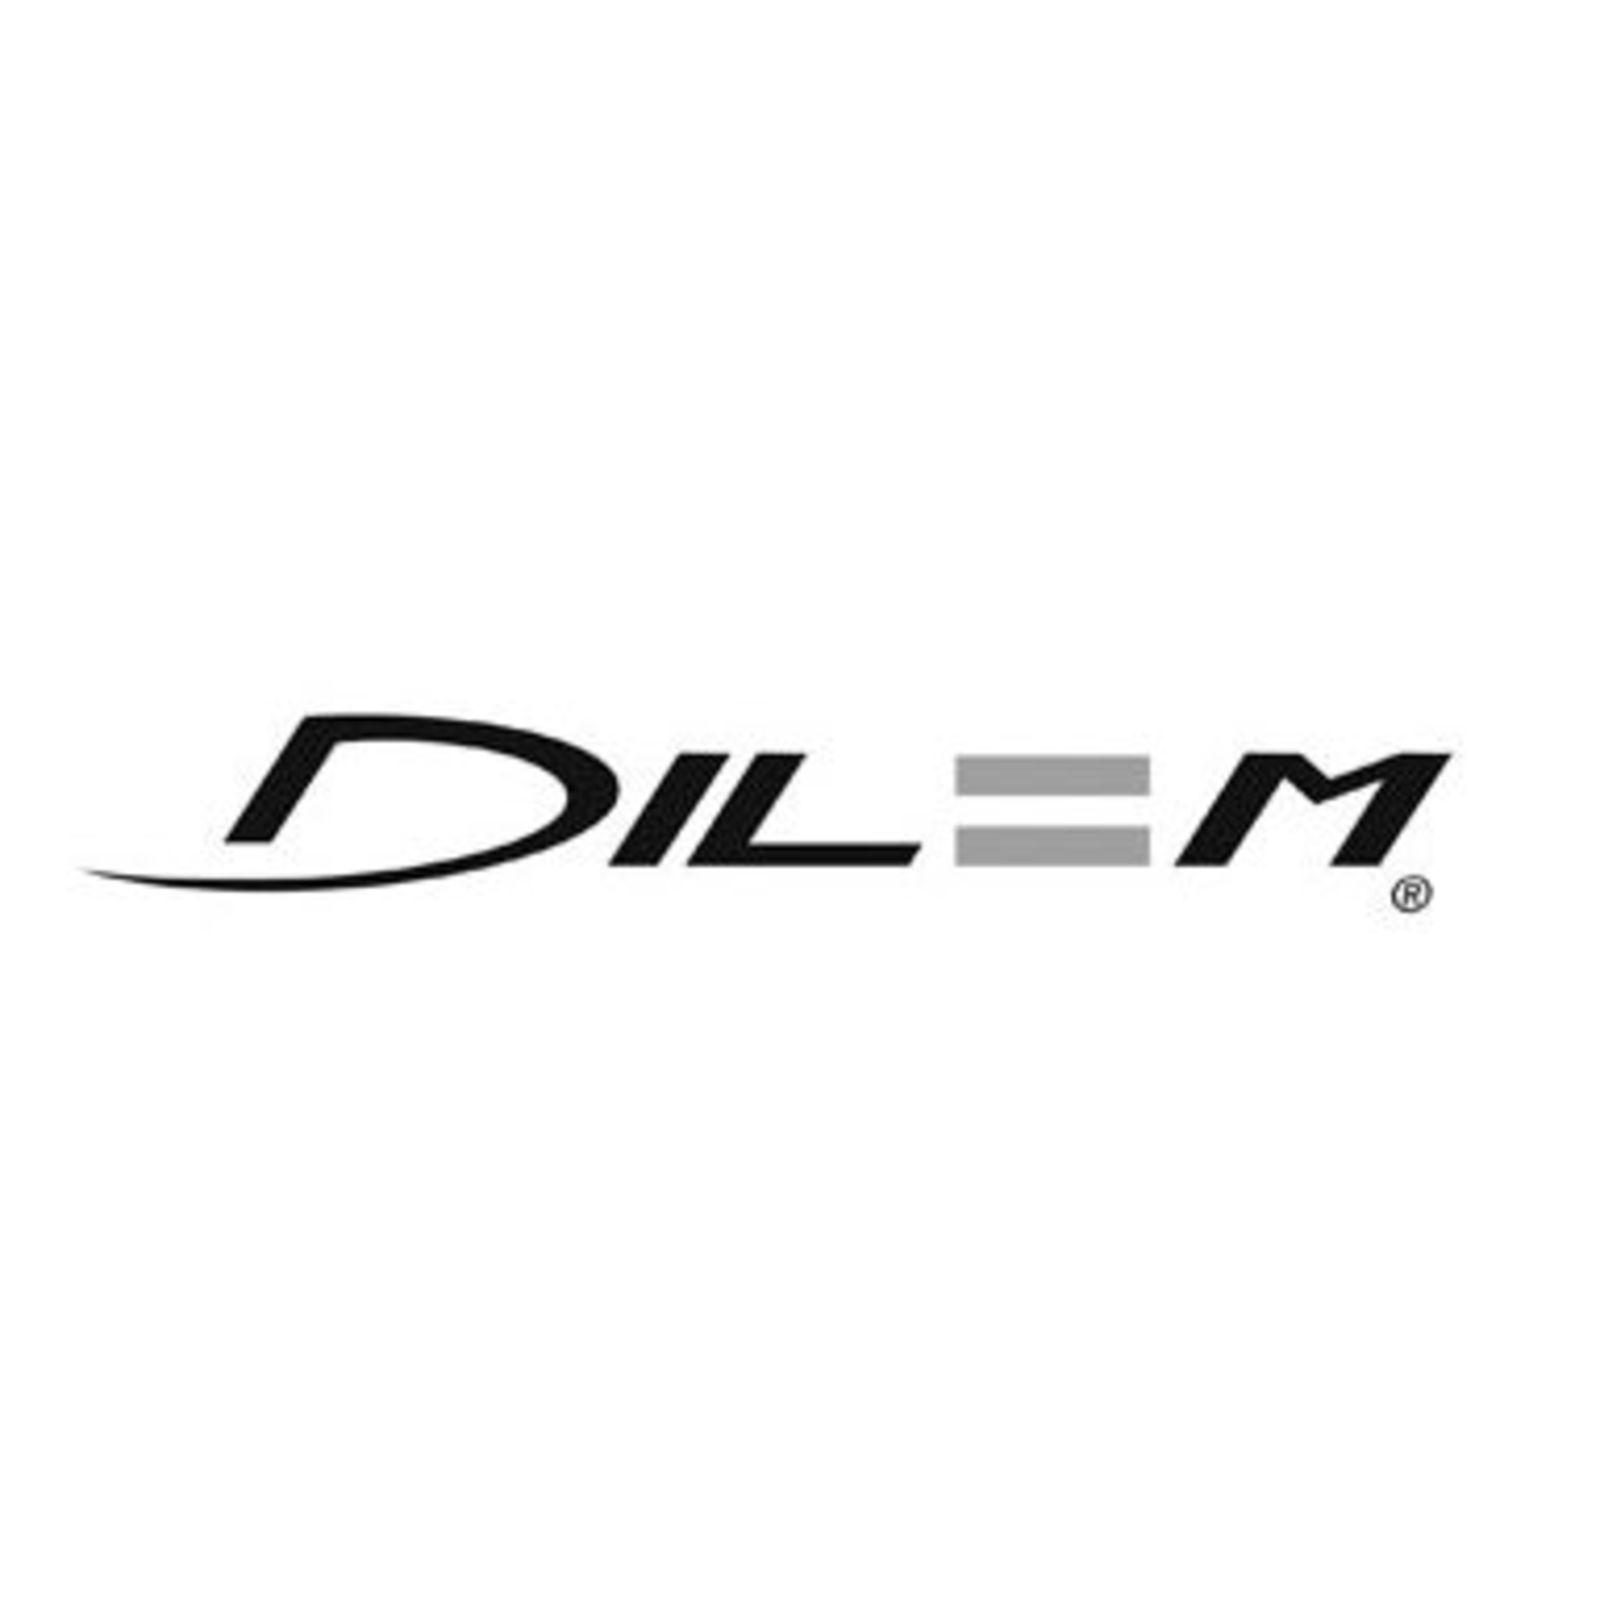 DILEM Eyewear